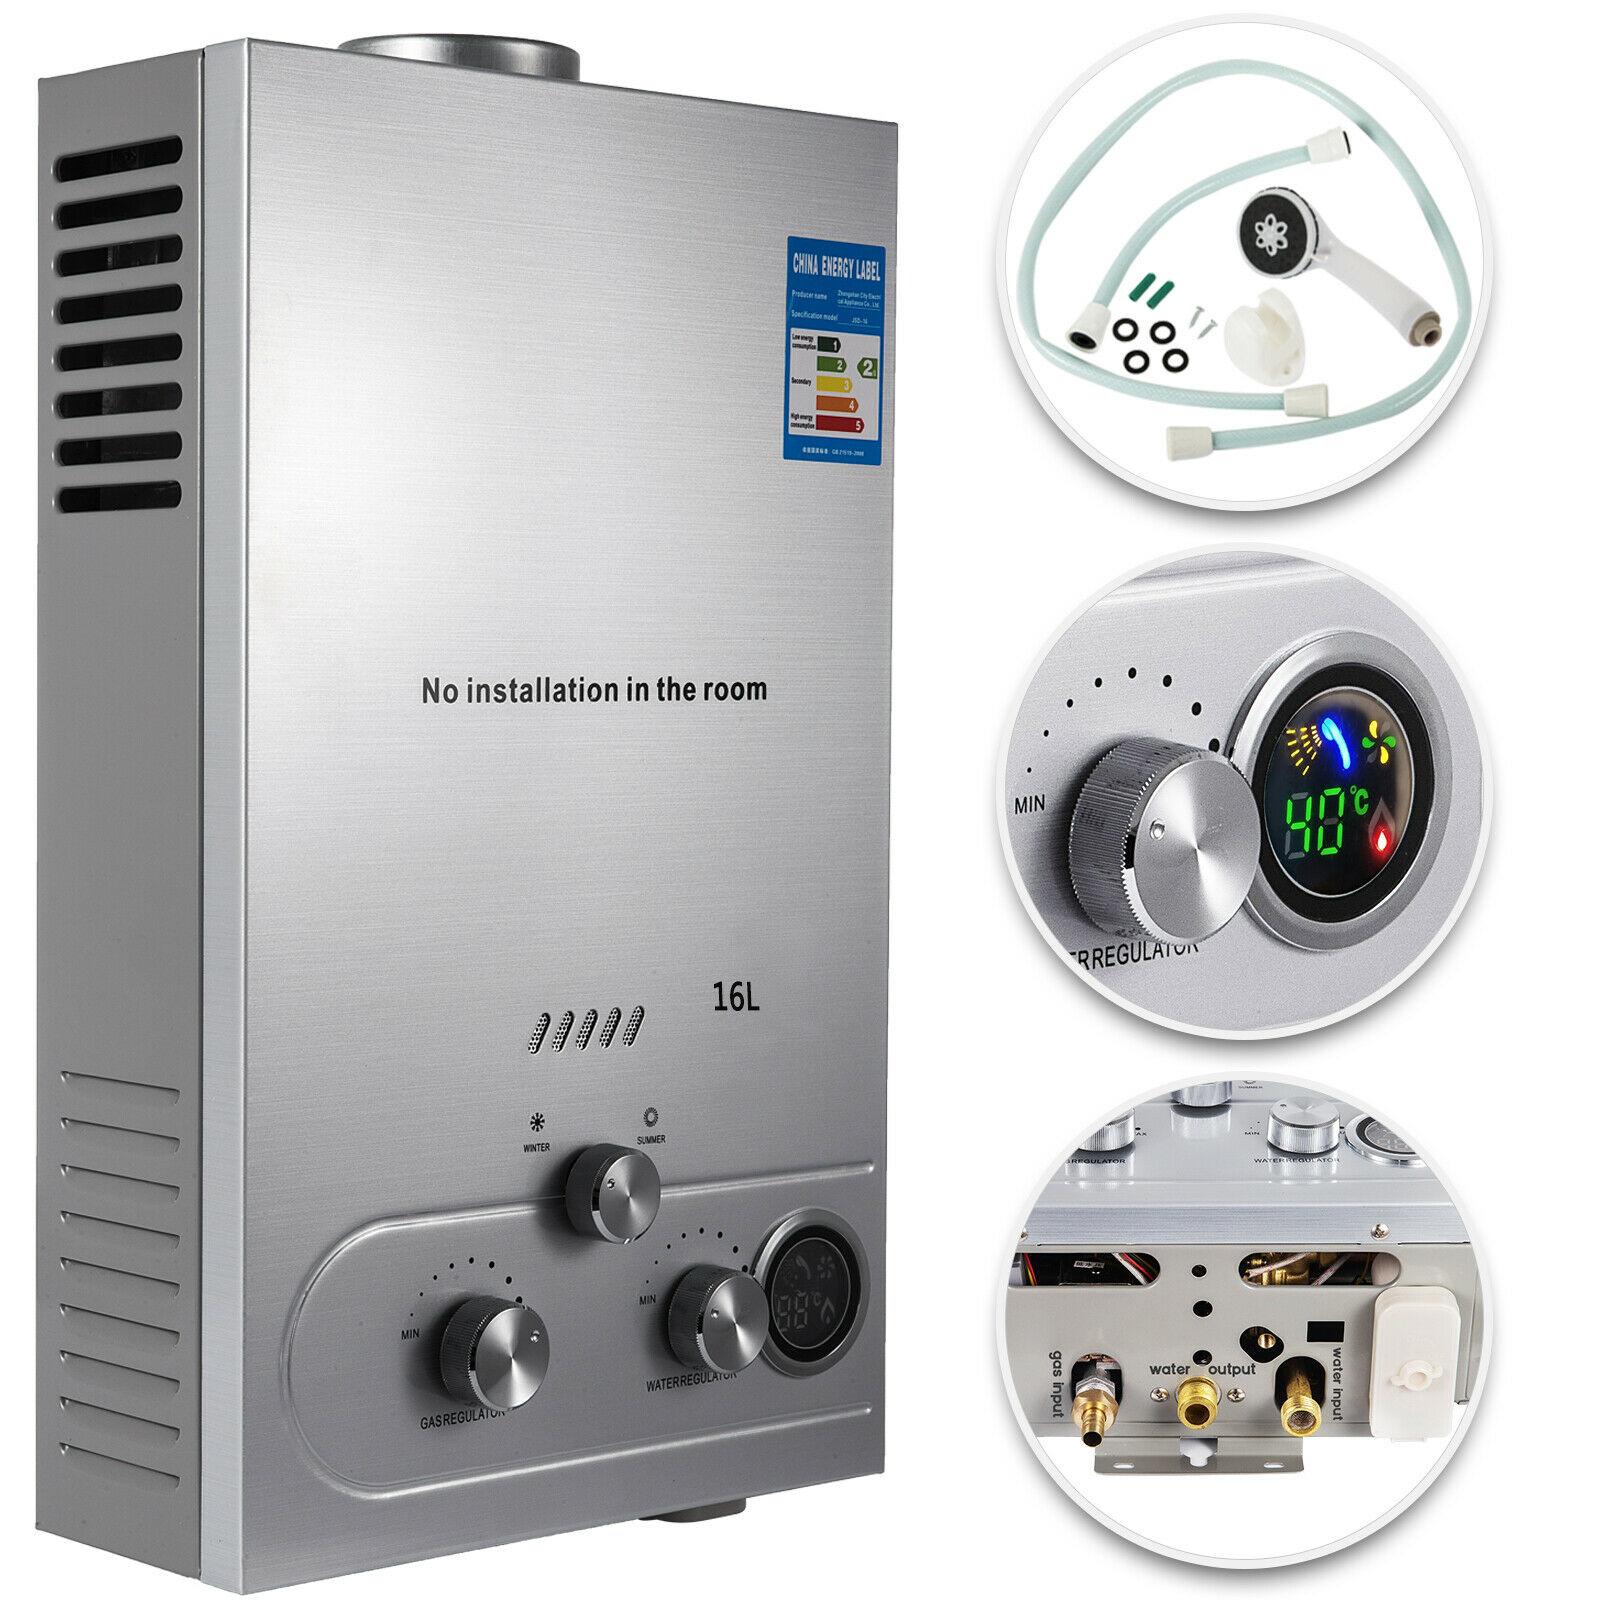 16L propane gas LPG water heater boiler water heater water tank